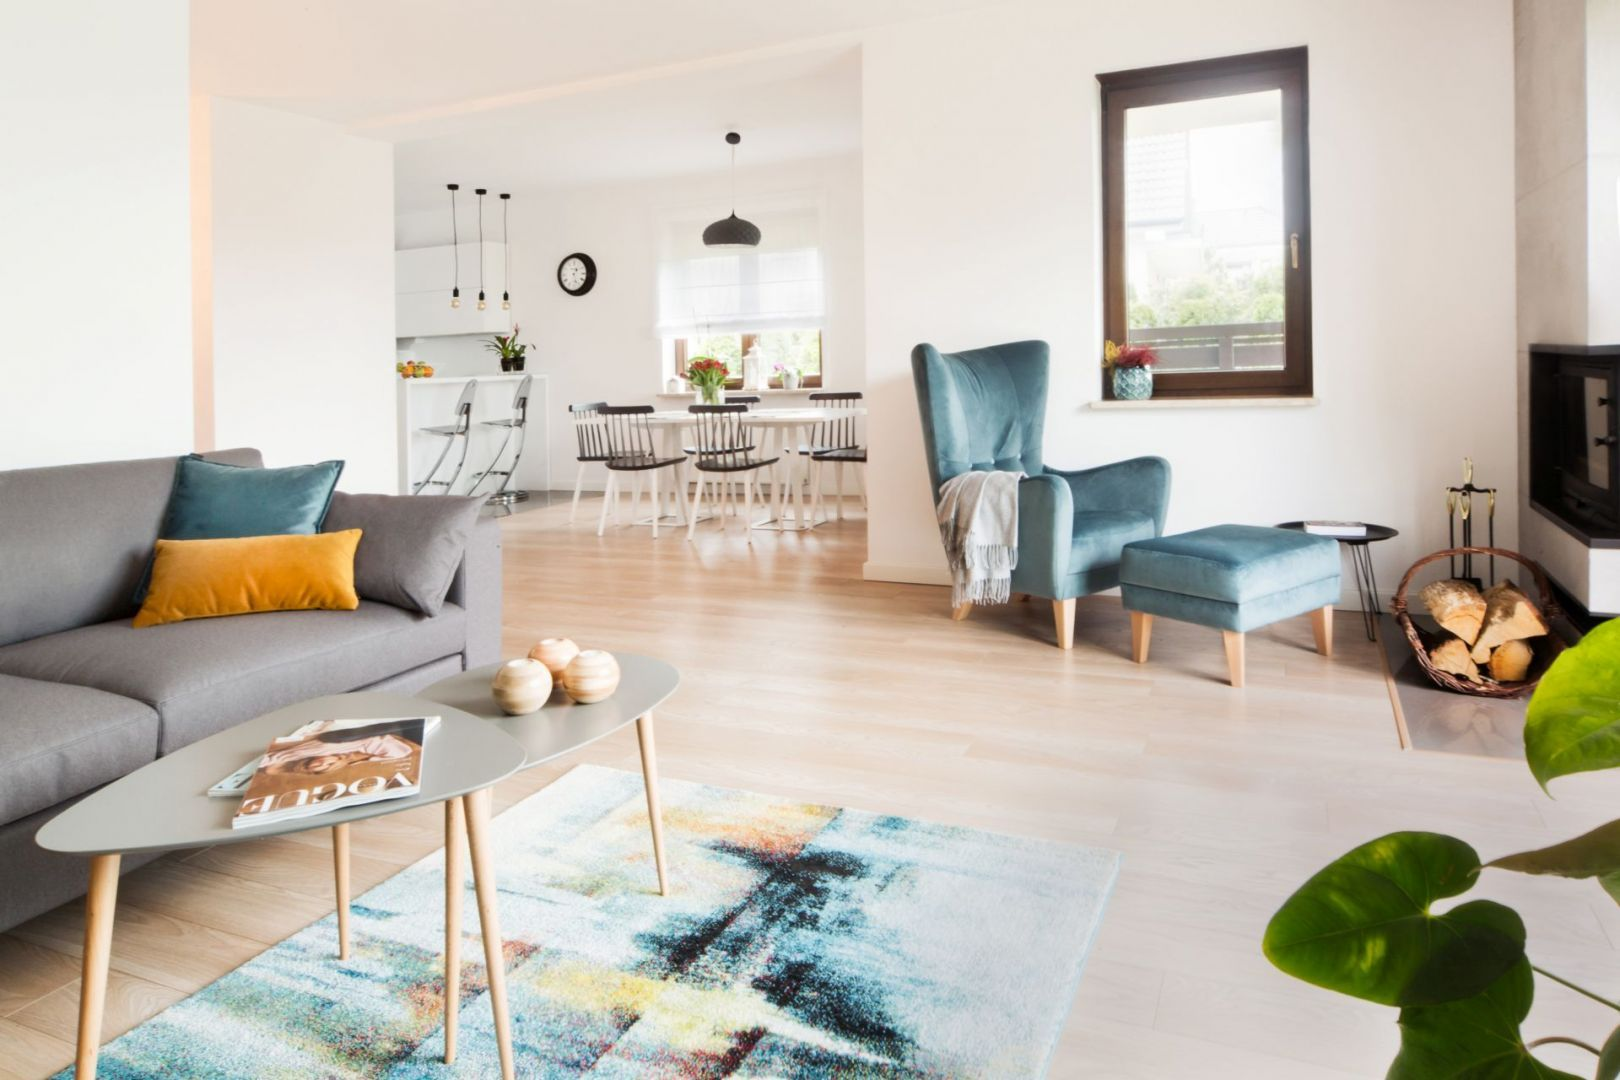 Kilka wyjątkowych mebli zamieniło przestrzeń dzienną 150-metrowego domu w przytulne i pełne ciepła miejsce, do którego chce się wracać. Fot. makehome.pl